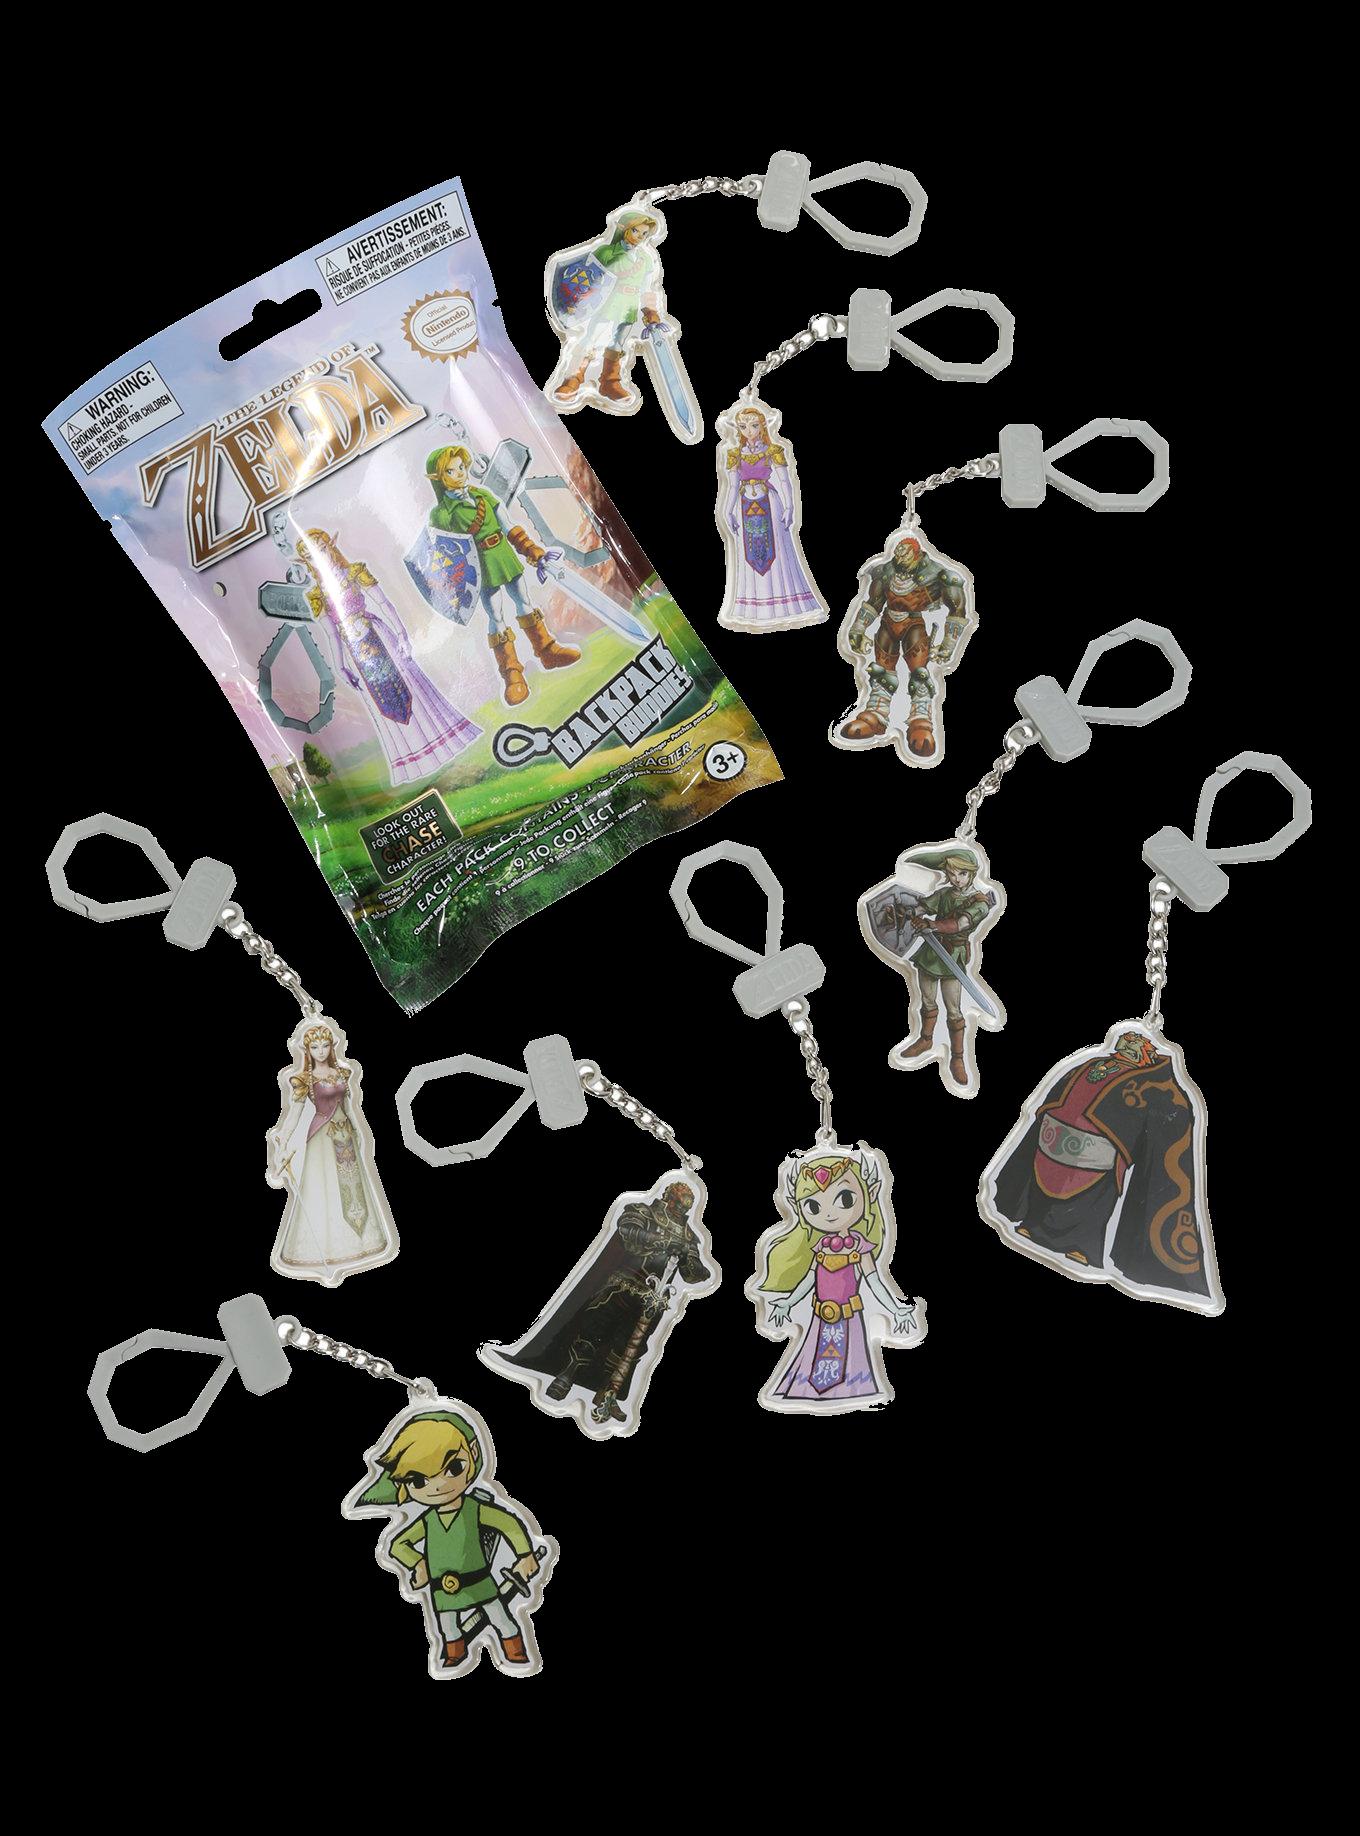 The Legend of Zelda Backpack Buddies Blind-Bag